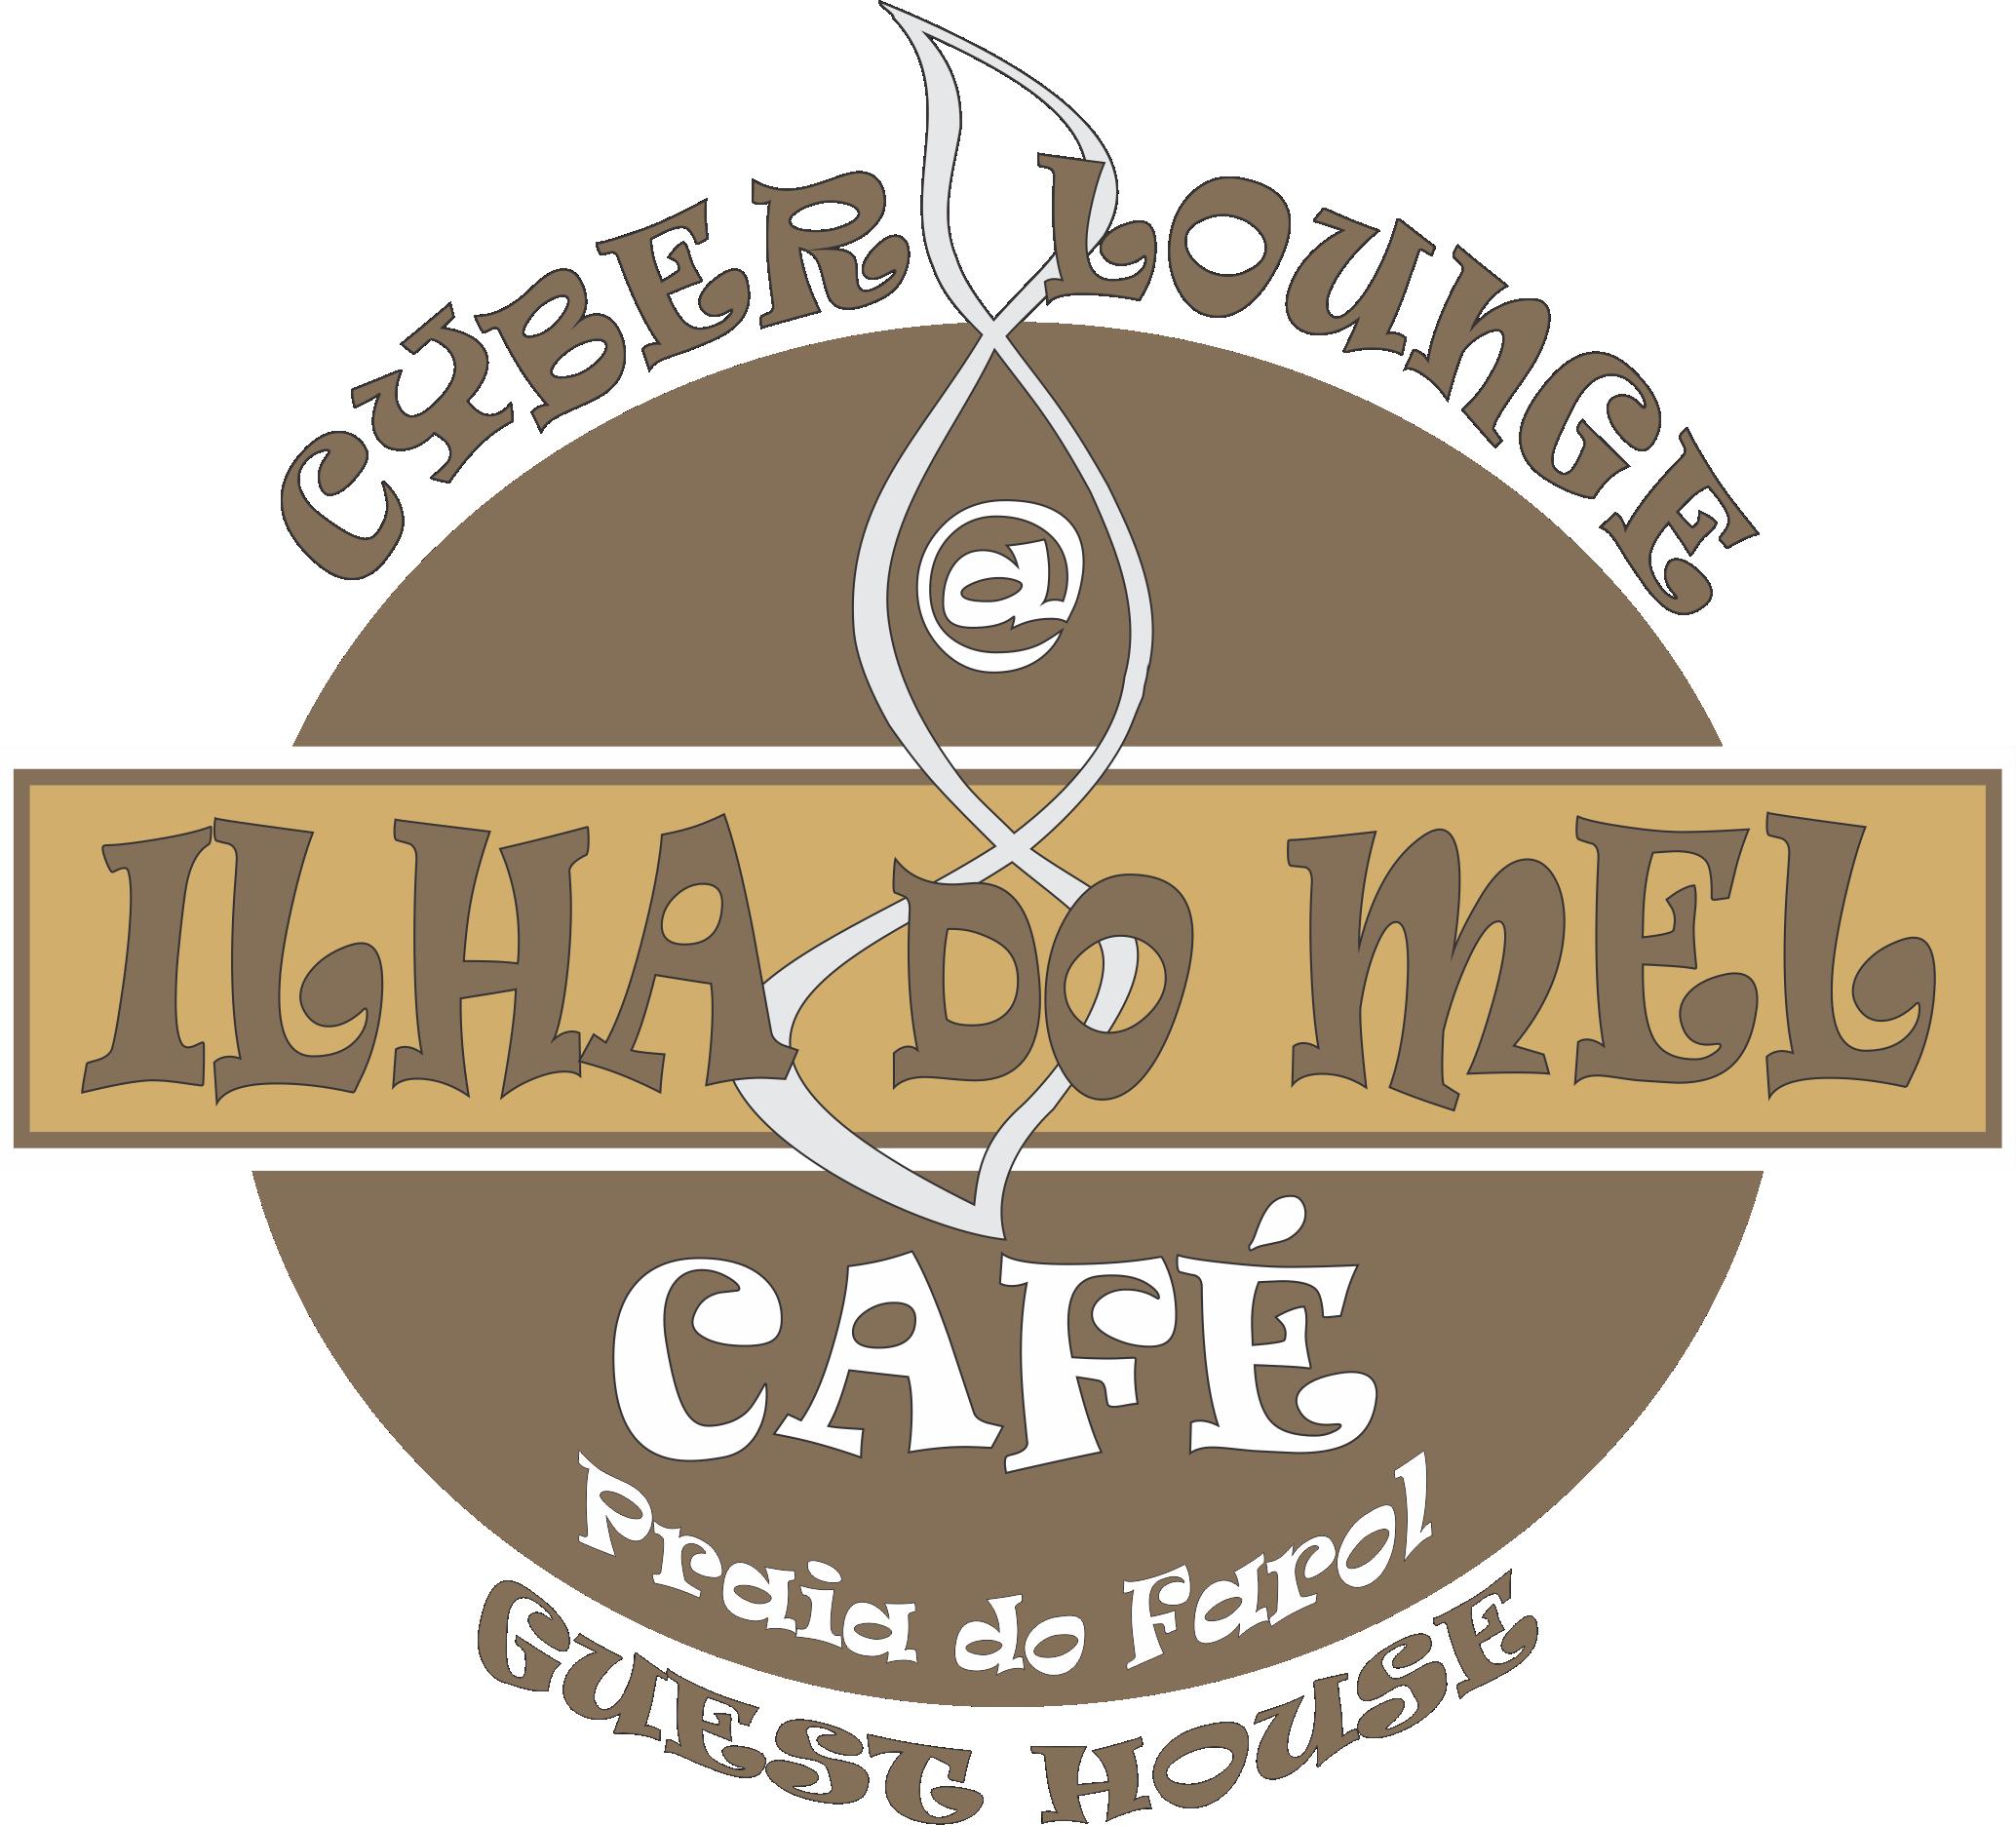 POUSADA ILHA DO MEL CAFE